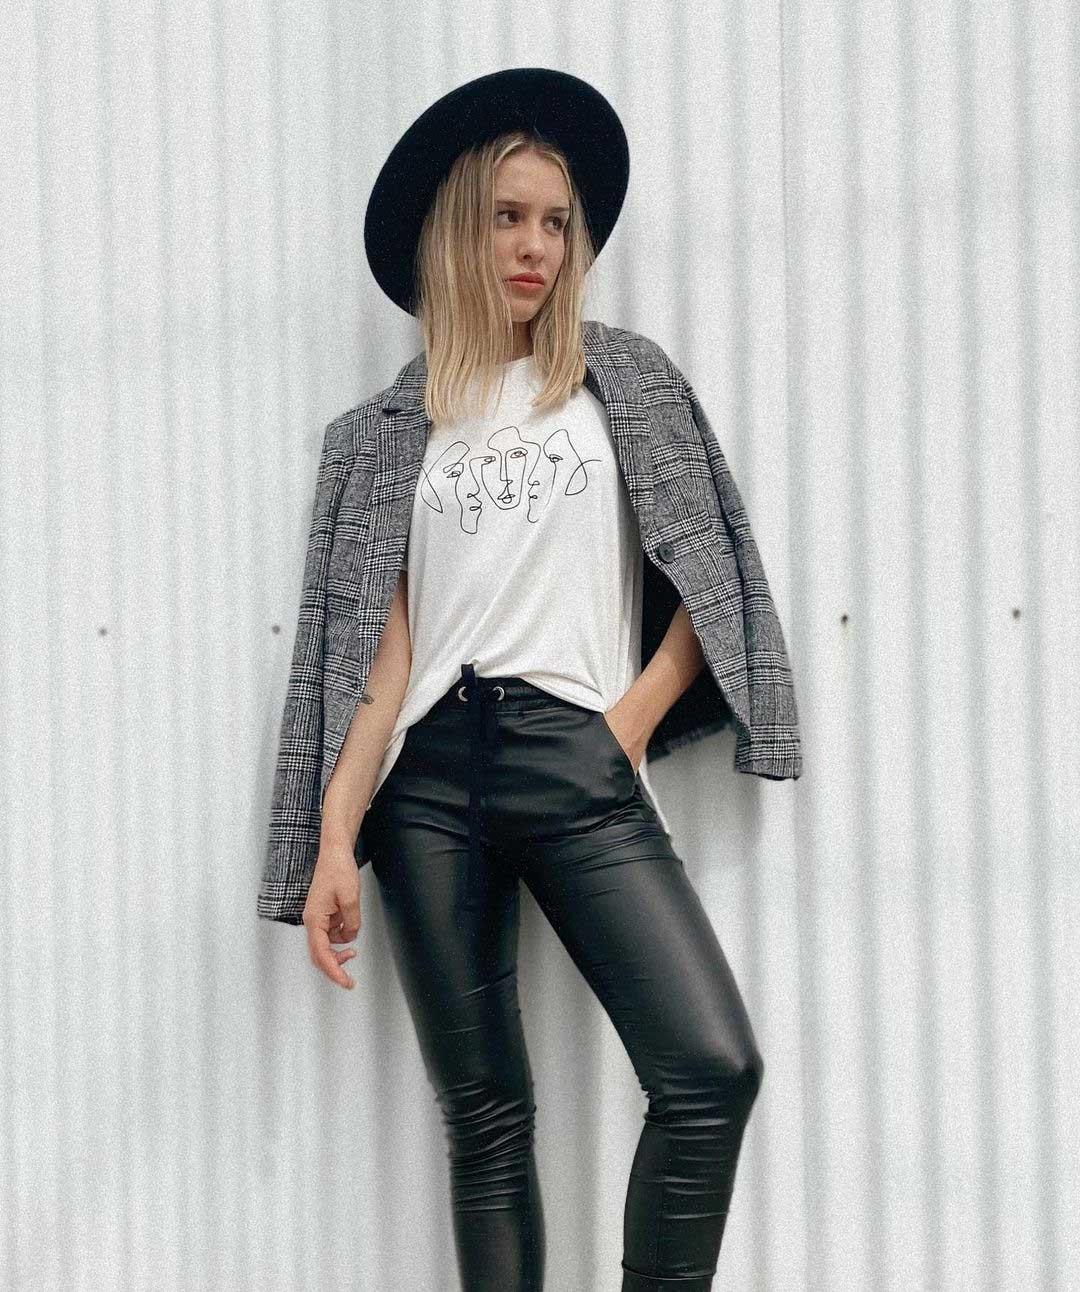 pantalones engomados moda invierno 2021